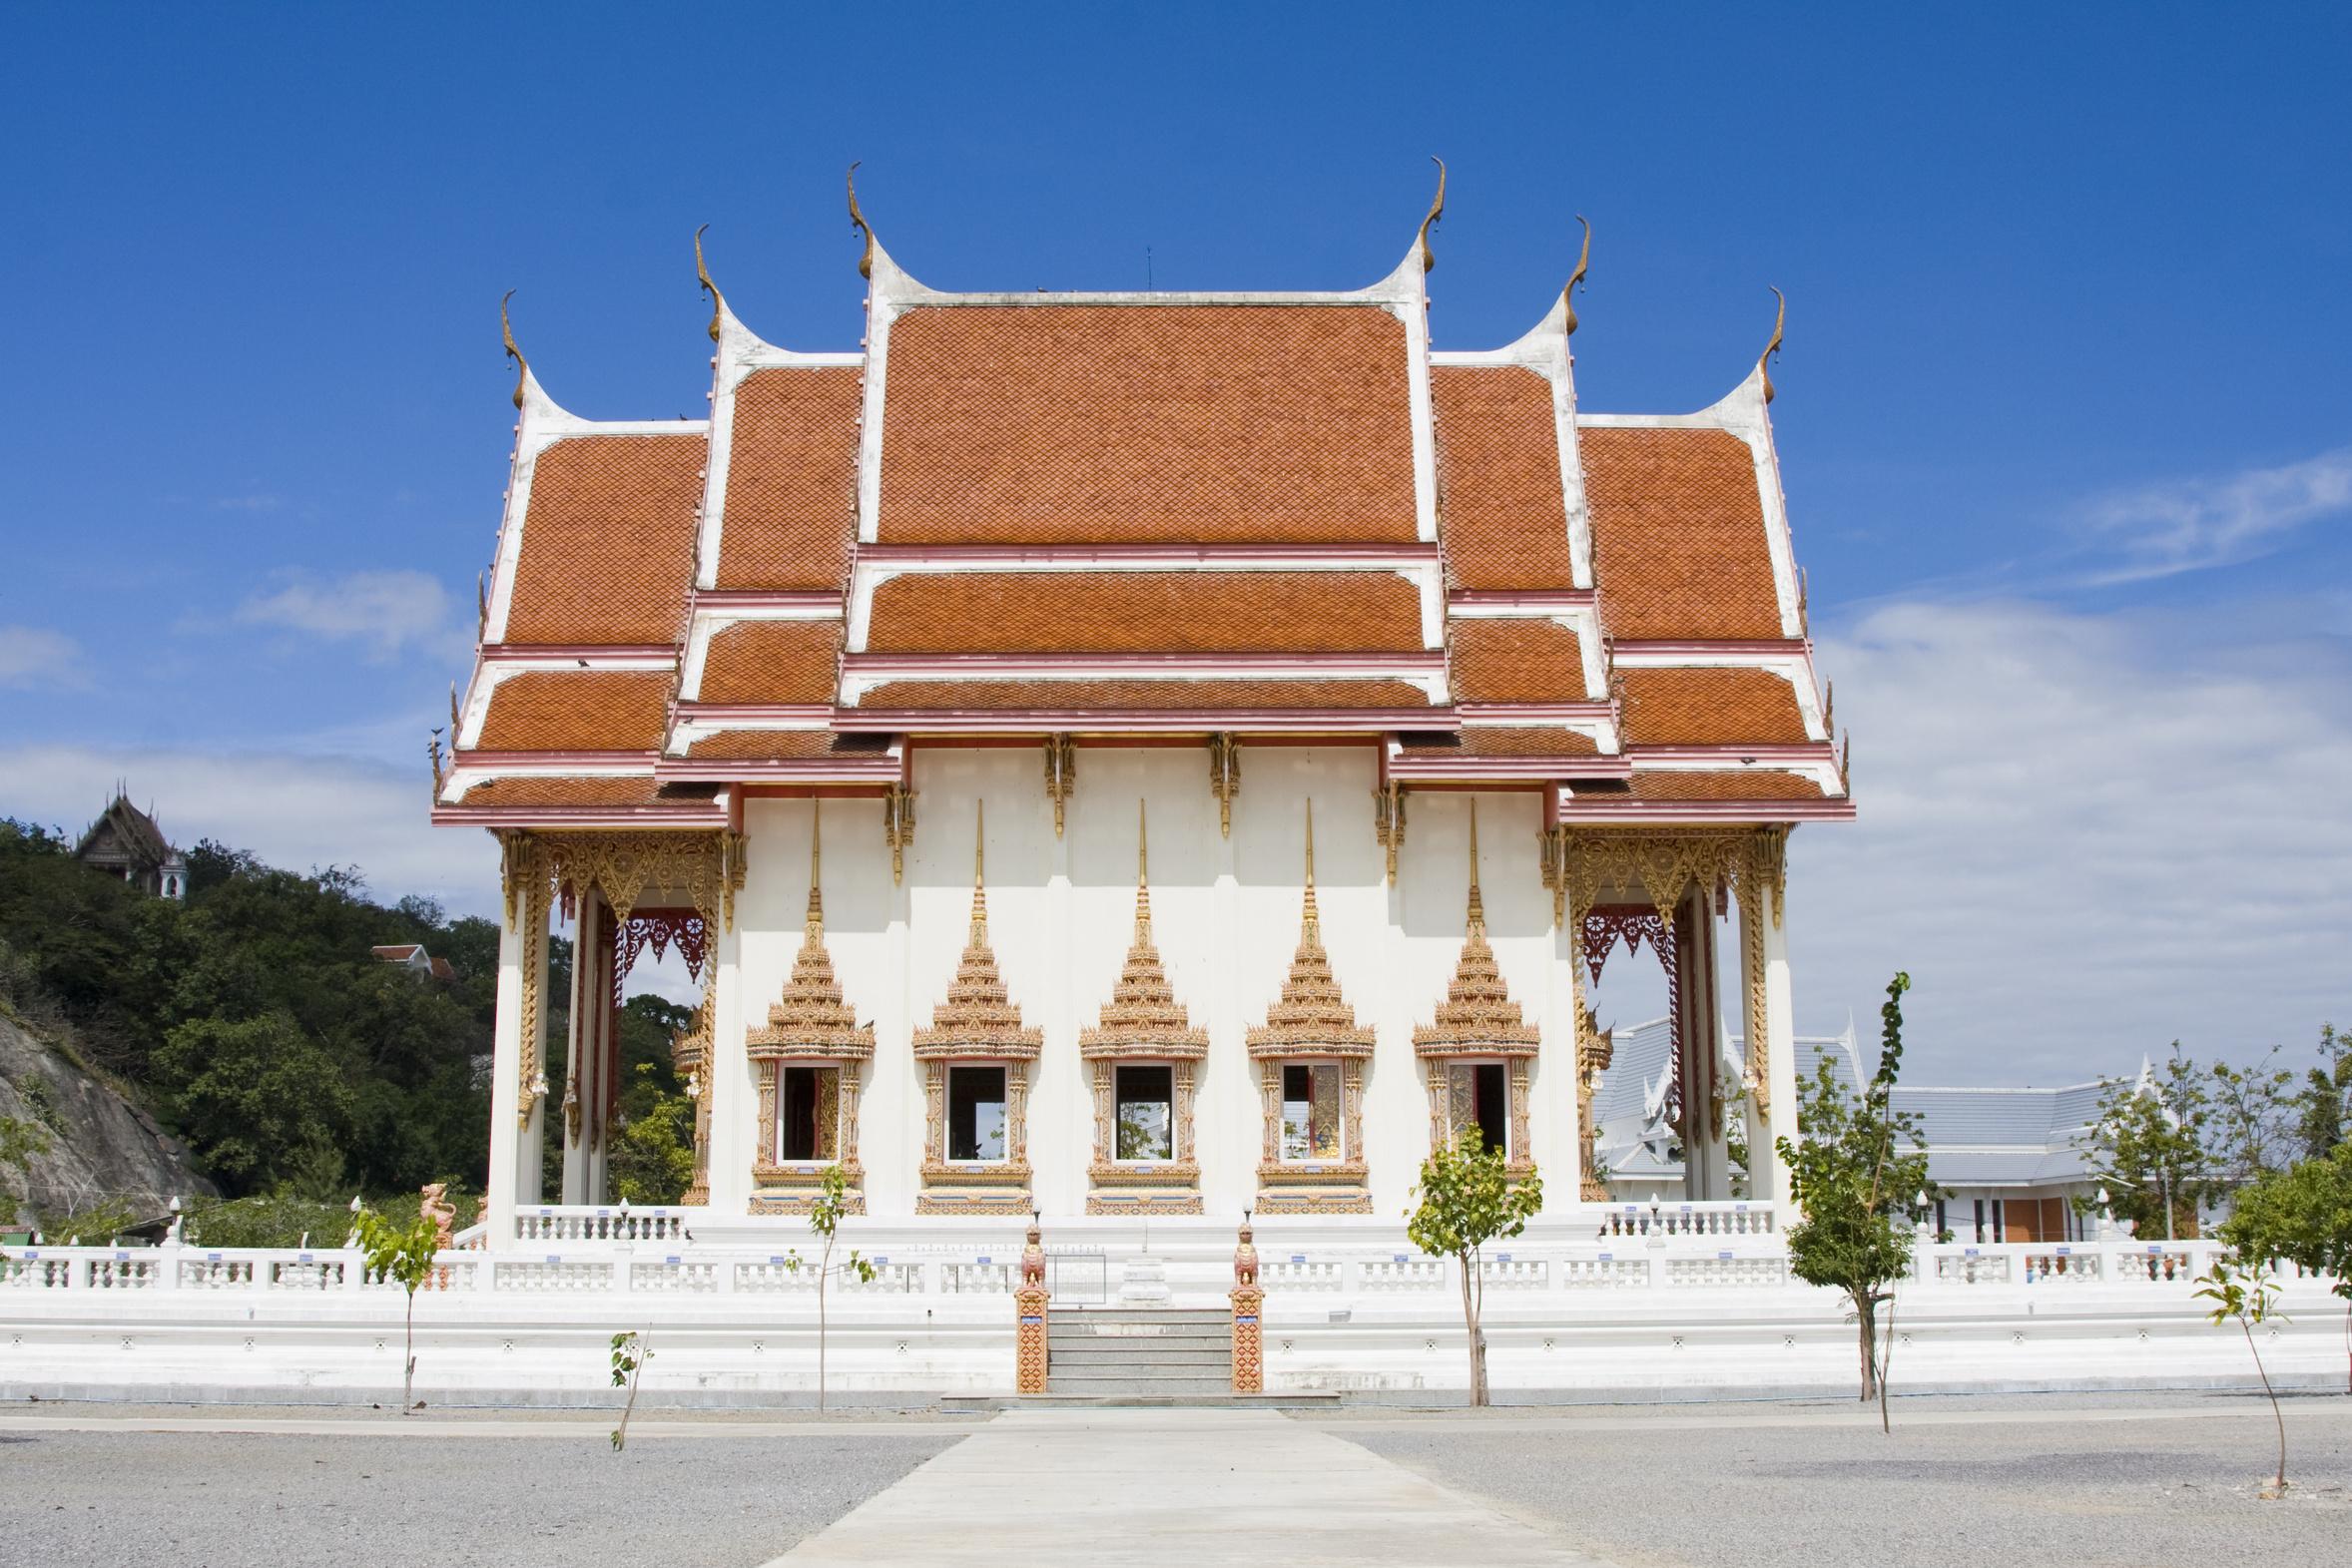 Buddhistischer Tempel in Hua Hin - Thailand